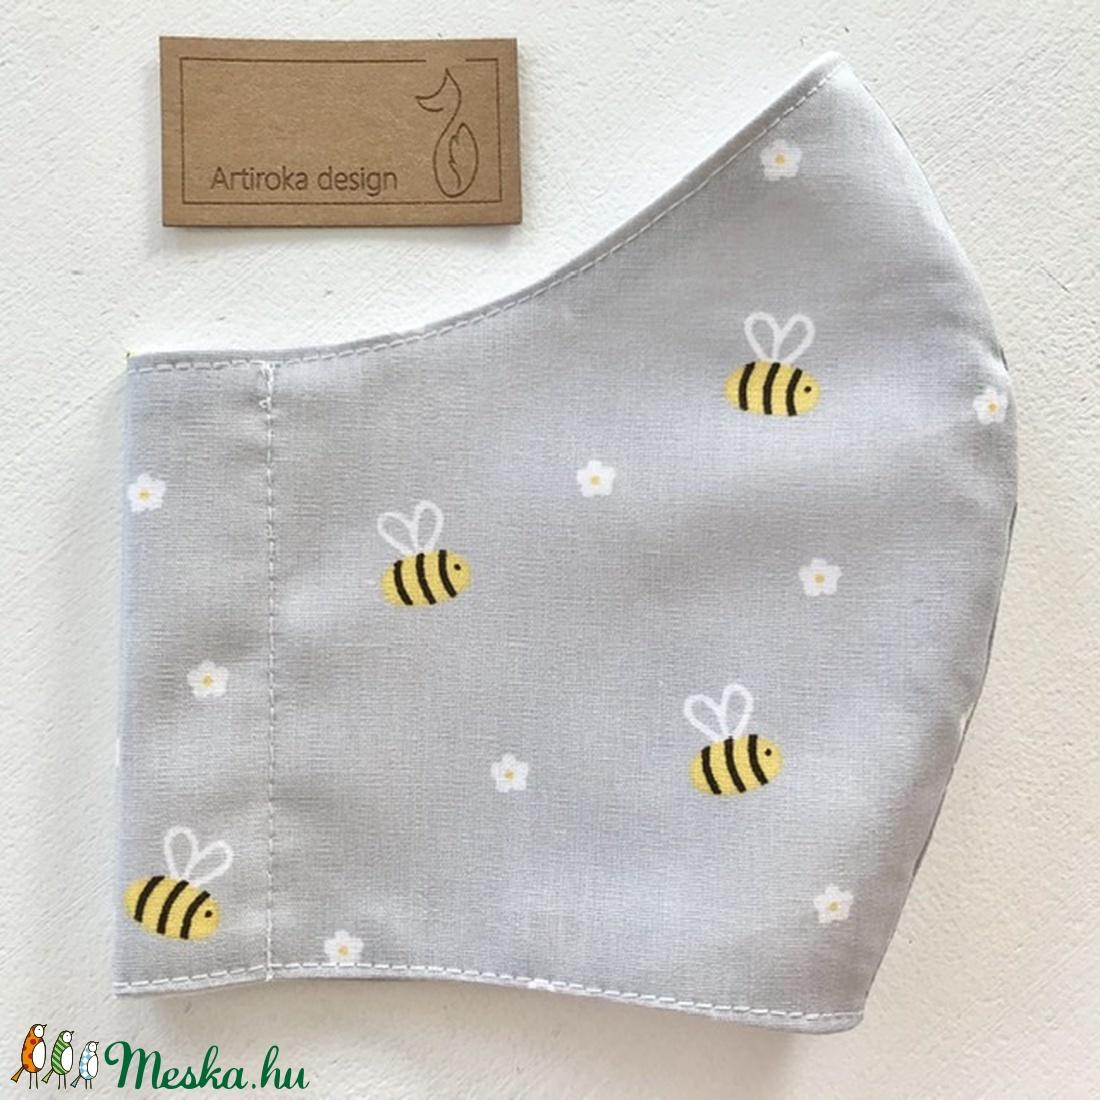 Méhecske és virág mintás pasztell szürke ( kék és rózsaszín ) színű prémium maszk, arcmaszk - Artiroka design - maszk, arcmaszk - férfi & uniszex - Meska.hu